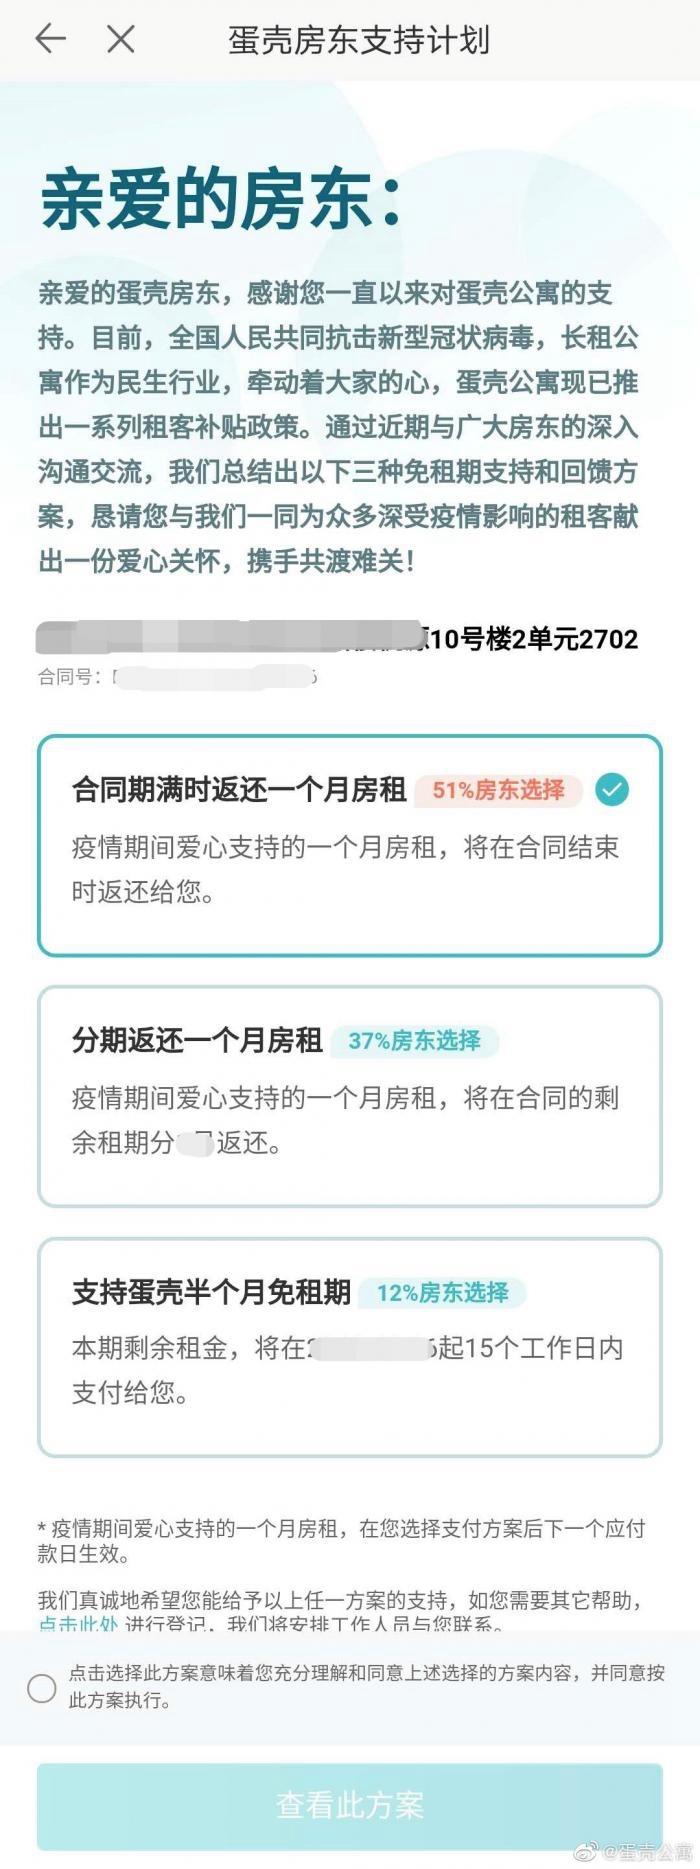 """蛋壳公寓免租风波追踪:""""房东支持计划""""暂不适用武汉 多位业主希望按约付款"""